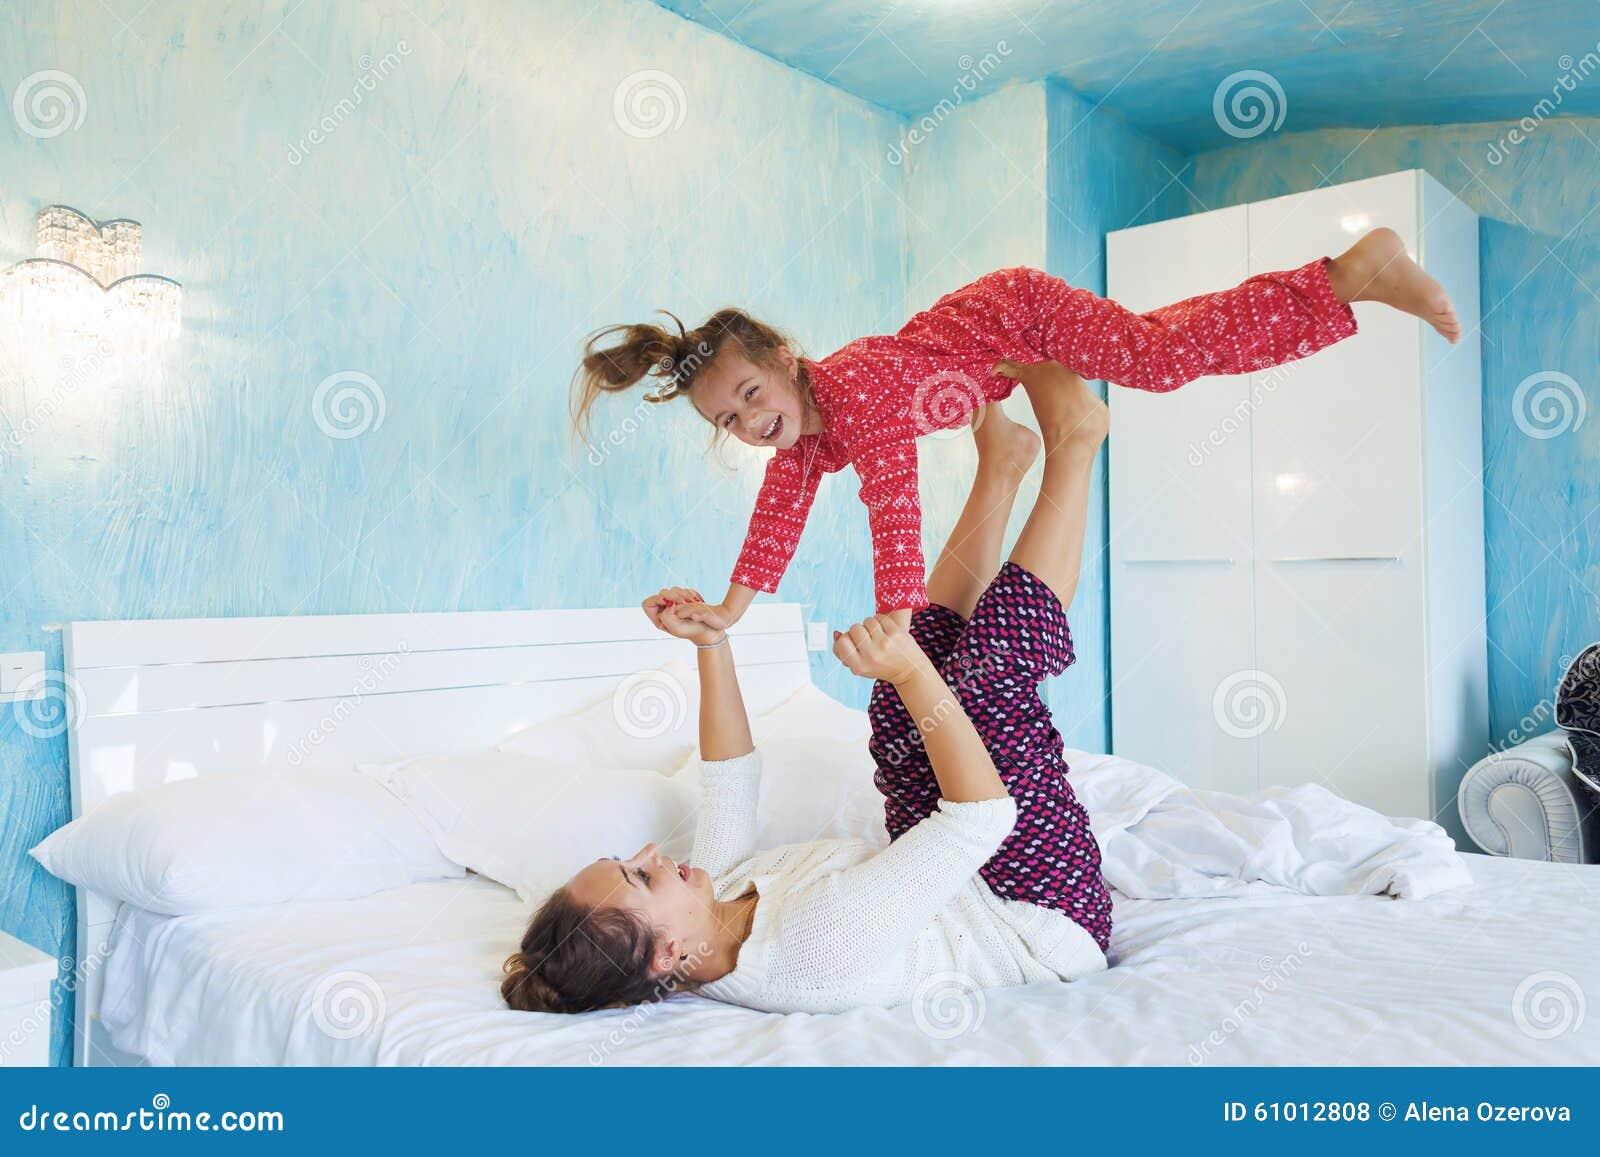 Усыпил мату и, Подлил снотворного русской мамаше и отодрал ее спящую 23 фотография